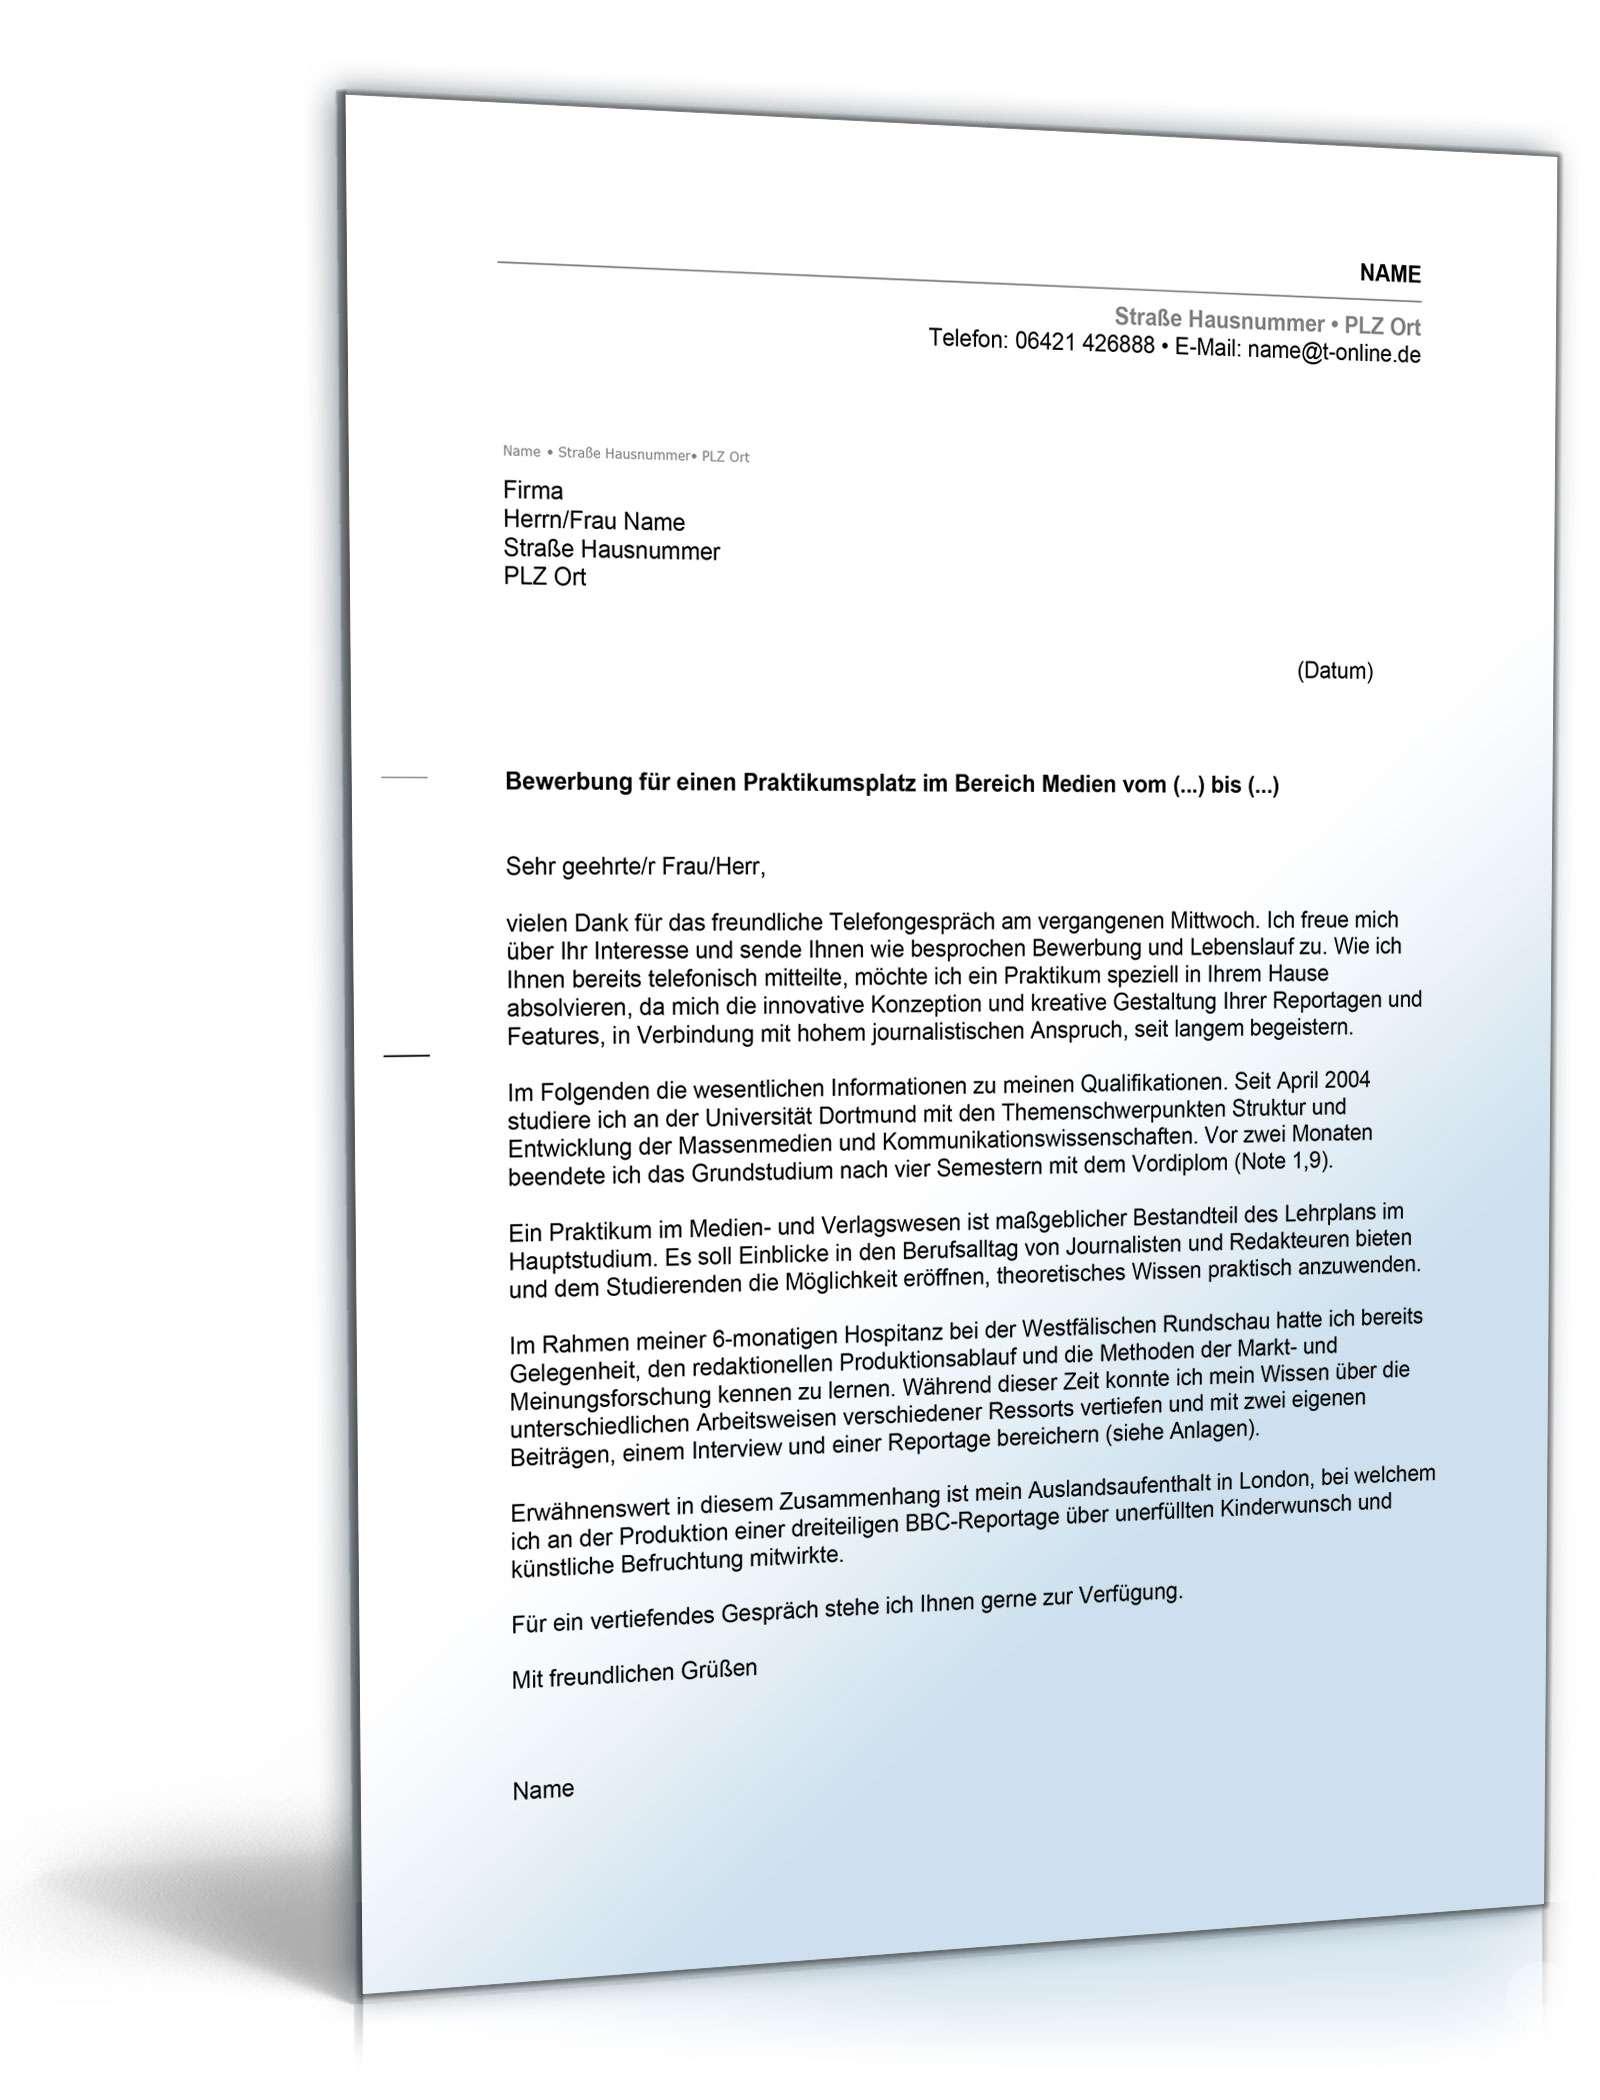 Anschreiben Bewerbung Praktikum Medienbranche Muster Zum Download